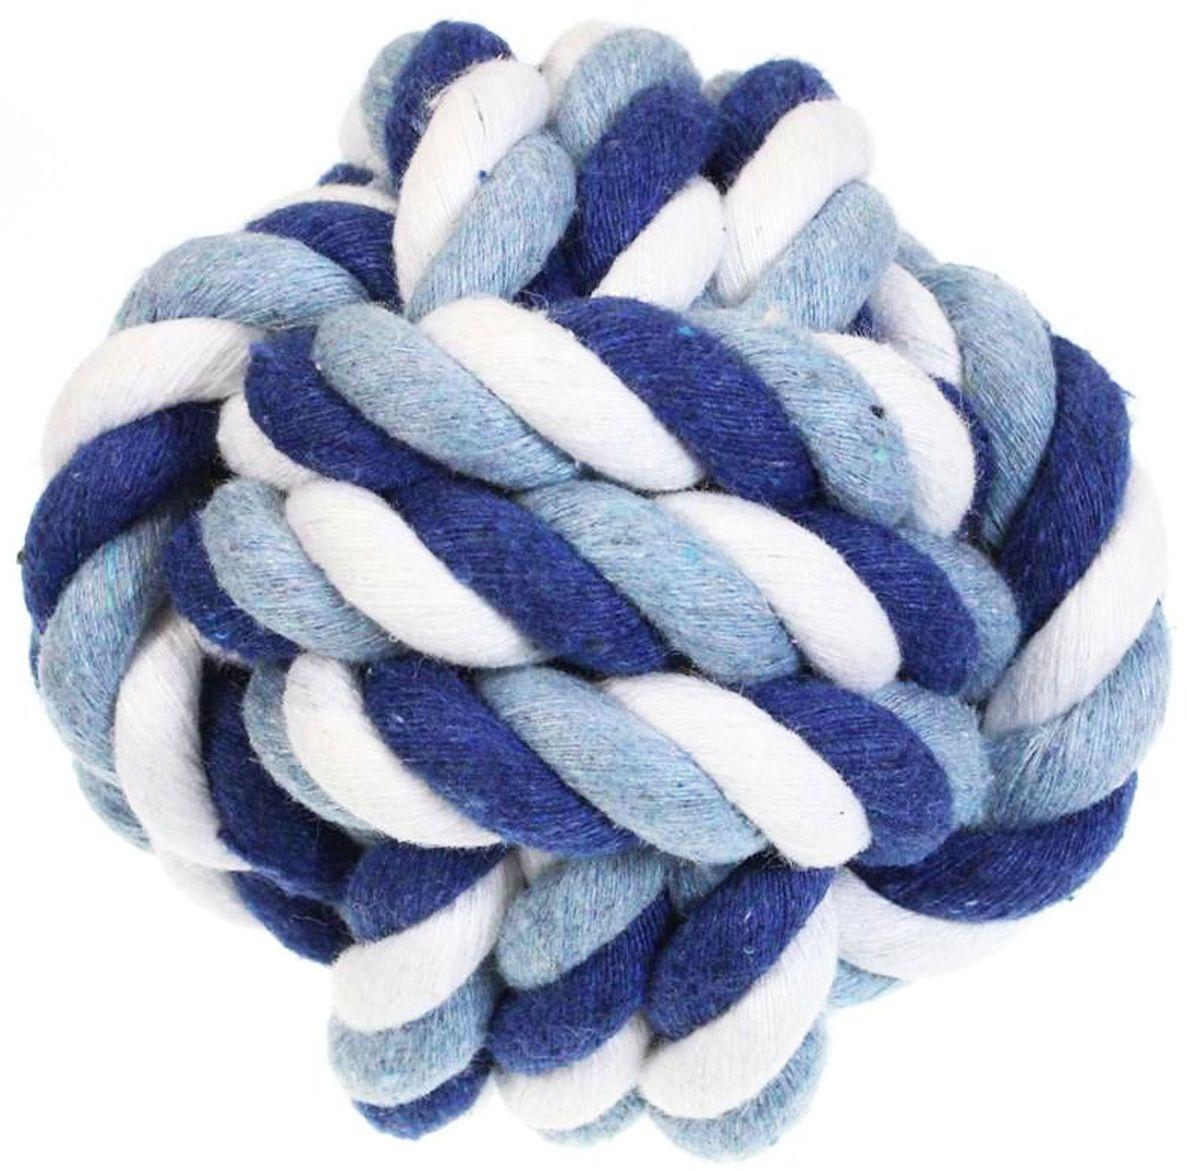 Игрушка для собак Gaffy Pet Мячик веревочный большой, цвет: голубой, 7 х 7 см11045 большой голубойОчень прочный мячик из канатных веревок прослужит вам долгое время.Выполнен в ярких цветах. Доступен в двух размерах.Средний мяч подойдет собакам всех пород.100% хлопок.